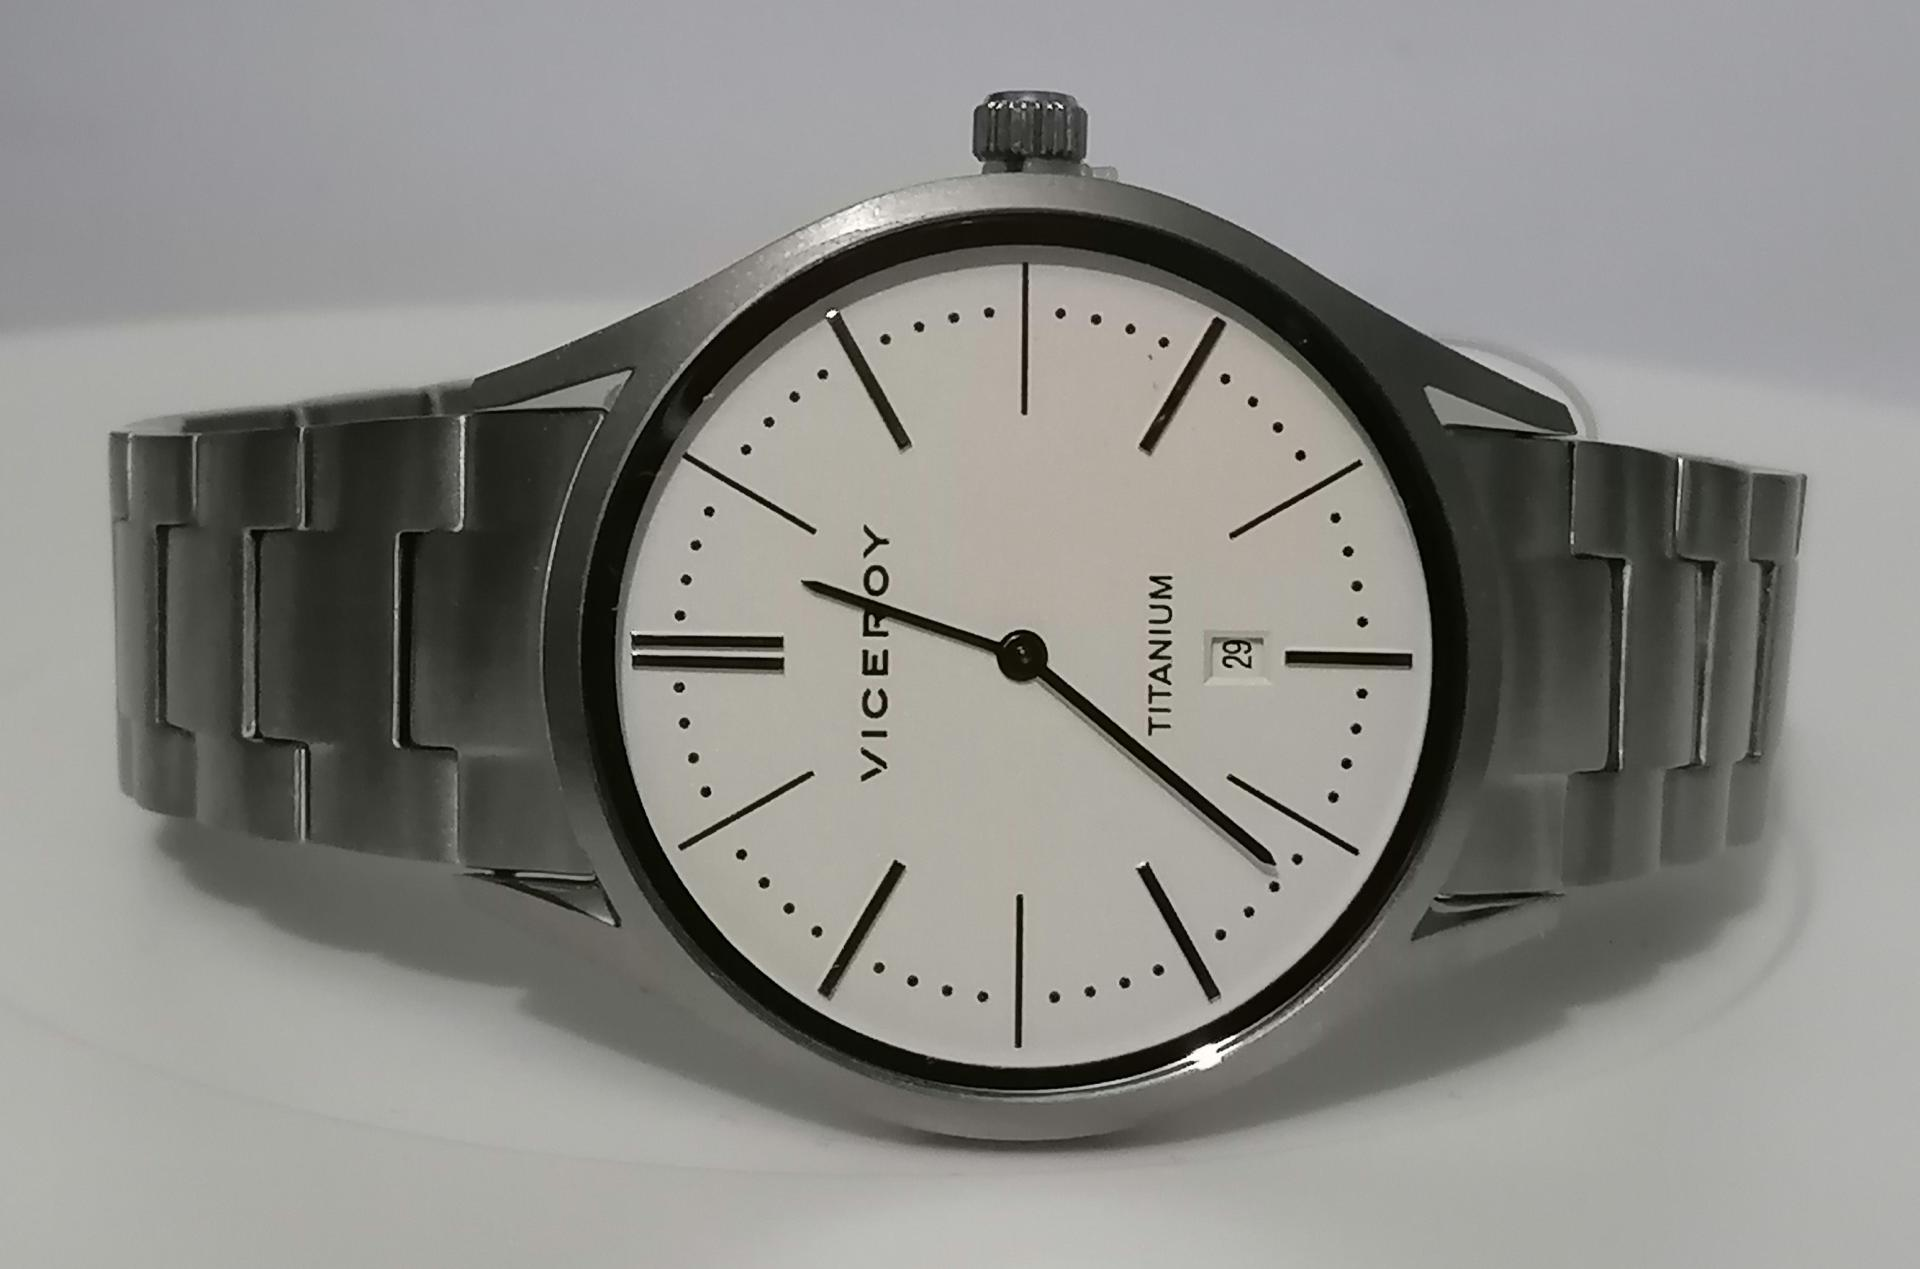 Reloj Viceroy Hombre Titanio Colección Grand 471305-07